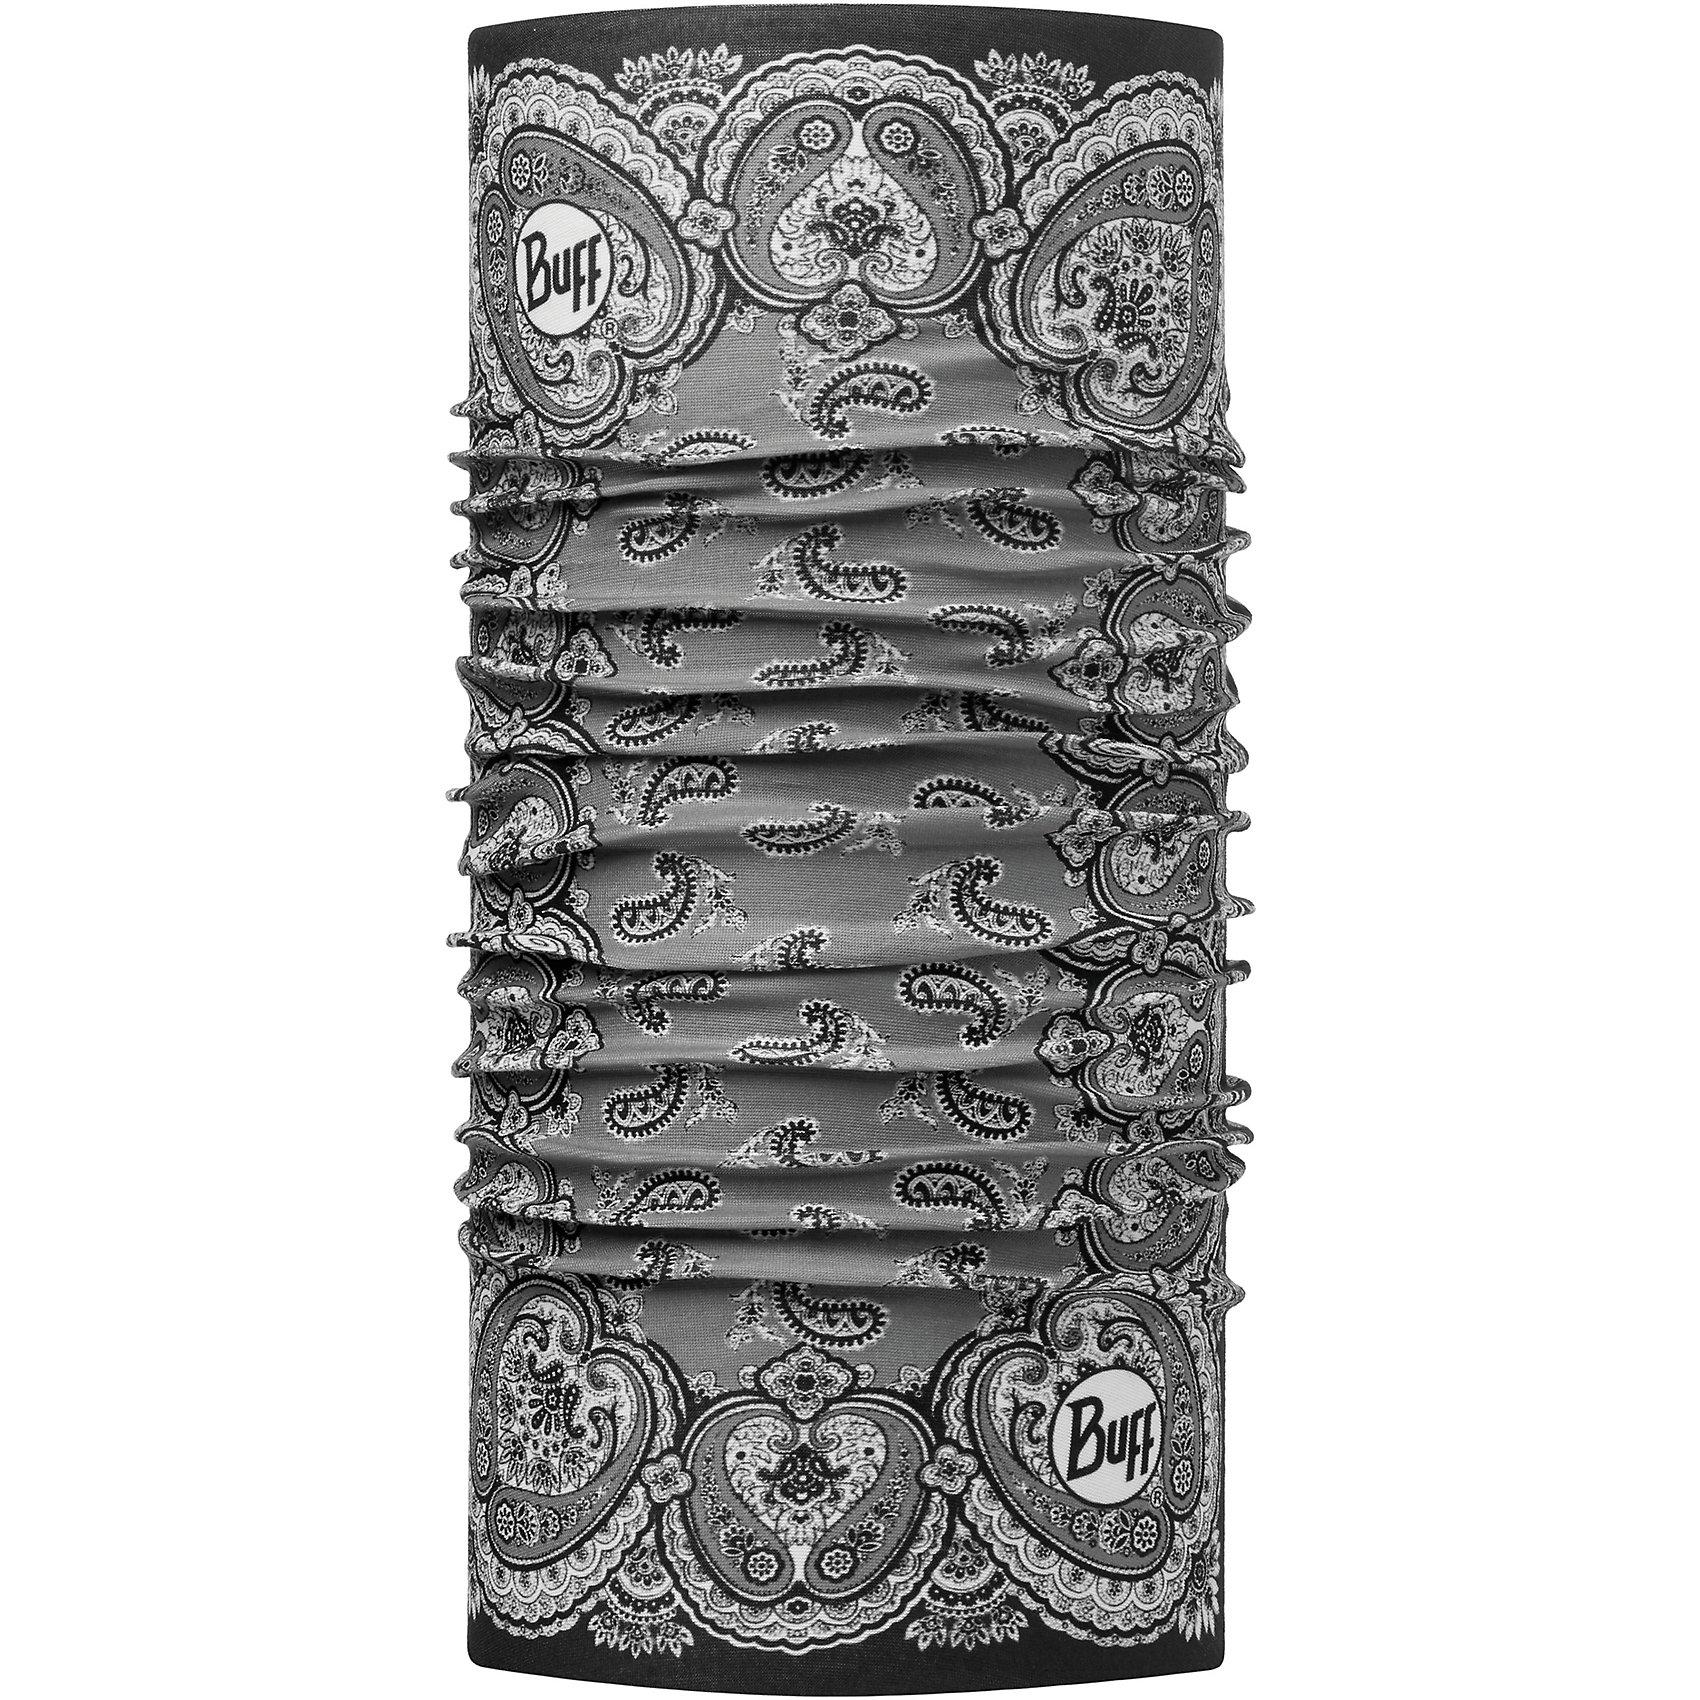 Бандана BUFFГоловные уборы<br>Бандана BUFF <br>Бесшовная бандана-труба из специальной серии Original BUFF. Original BUFF - самый популярный универсальный головной убор из всех серий. <br><br>Сделан из микрофибры - защищает от ветра, пыли, влаги и ультрафиолета. Контролирует микроклимат в холодную и теплую погоду, отводит влагу. Ткань обработана ионами серебра, обеспечивающими длительный антибактериальный эффект и предотвращающими появление запаха. Допускается машинная и ручная стирка при 30-40градусах. Материал не теряет цвет и эластичность, не требует глажки. <br><br>Original BUFF можно носить на шее и на голове, как шейный платок, маску, бандану, шапку и подшлемник. <br><br>Свойства материала позволяют использовать бандану Original BUFF в любое время года, при занятиях любым видом спорта, активного отдыха, туризма или рыбалки.<br>Состав:<br>Полиэстер 100%<br><br>Ширина мм: 89<br>Глубина мм: 117<br>Высота мм: 44<br>Вес г: 155<br>Цвет: черный<br>Возраст от месяцев: 84<br>Возраст до месяцев: 1188<br>Пол: Унисекс<br>Возраст: Детский<br>Размер: one size<br>SKU: 5568759